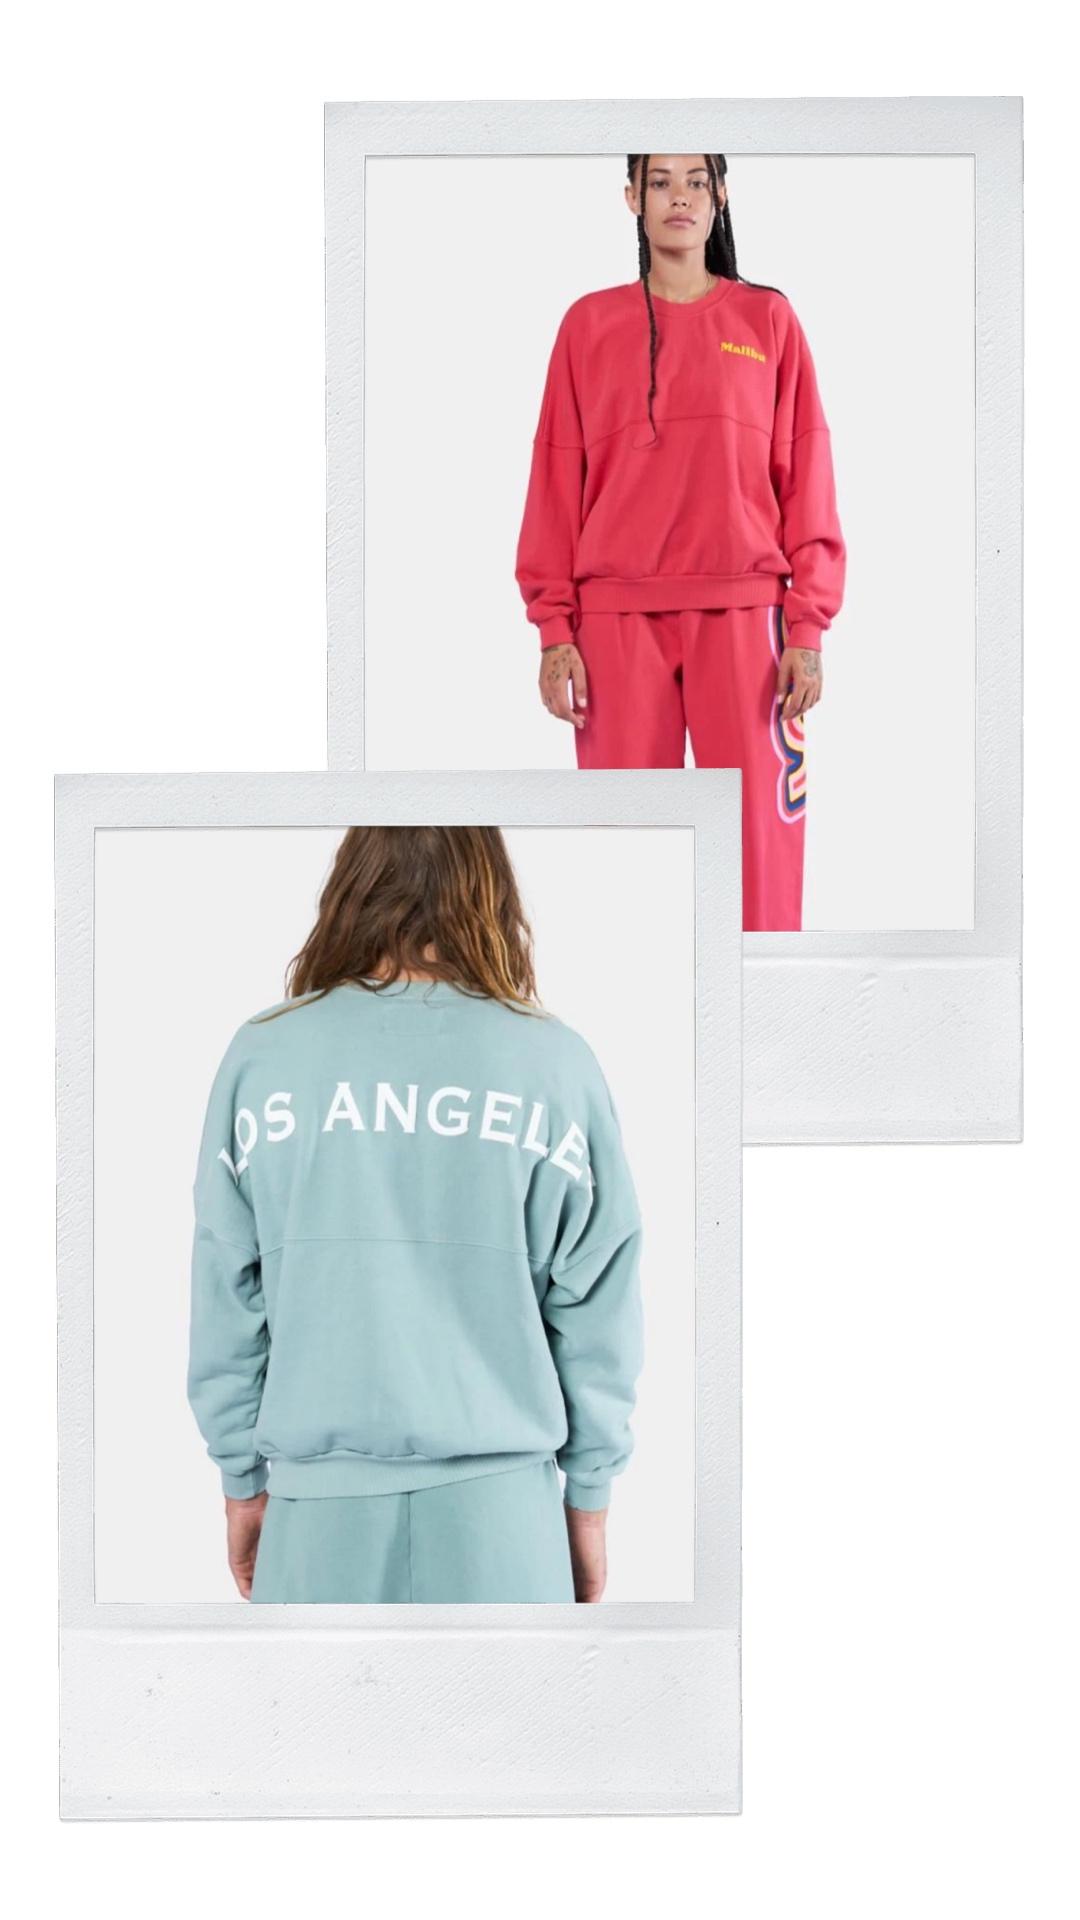 LA-based streetwear brand